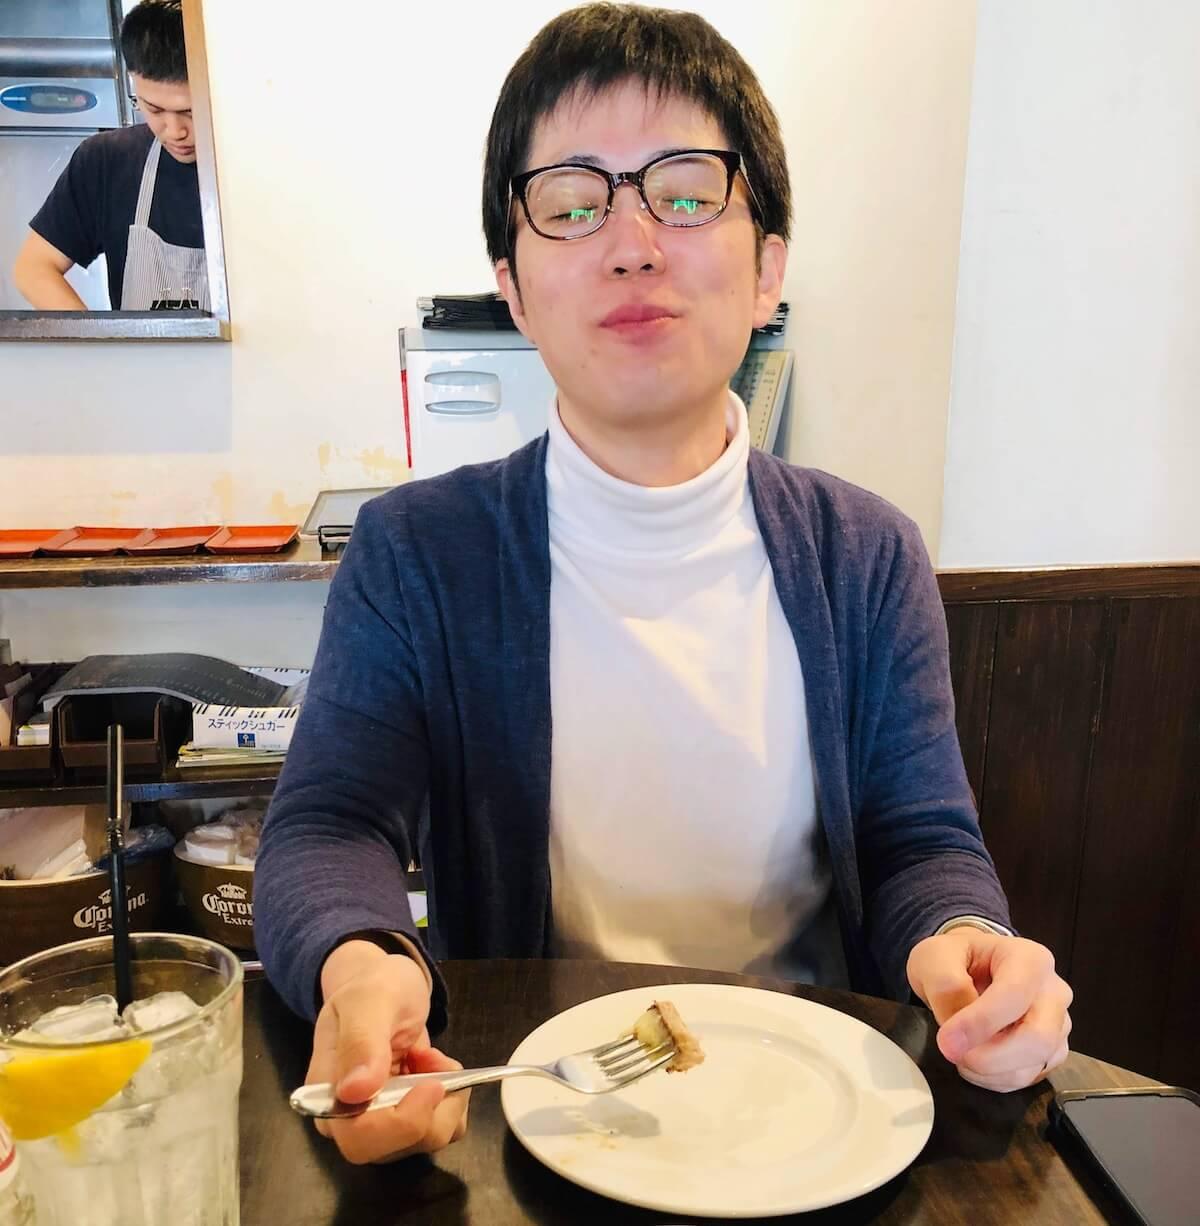 シェイクツリーのスモークベーコンステーキを食べて至福の表情をする人